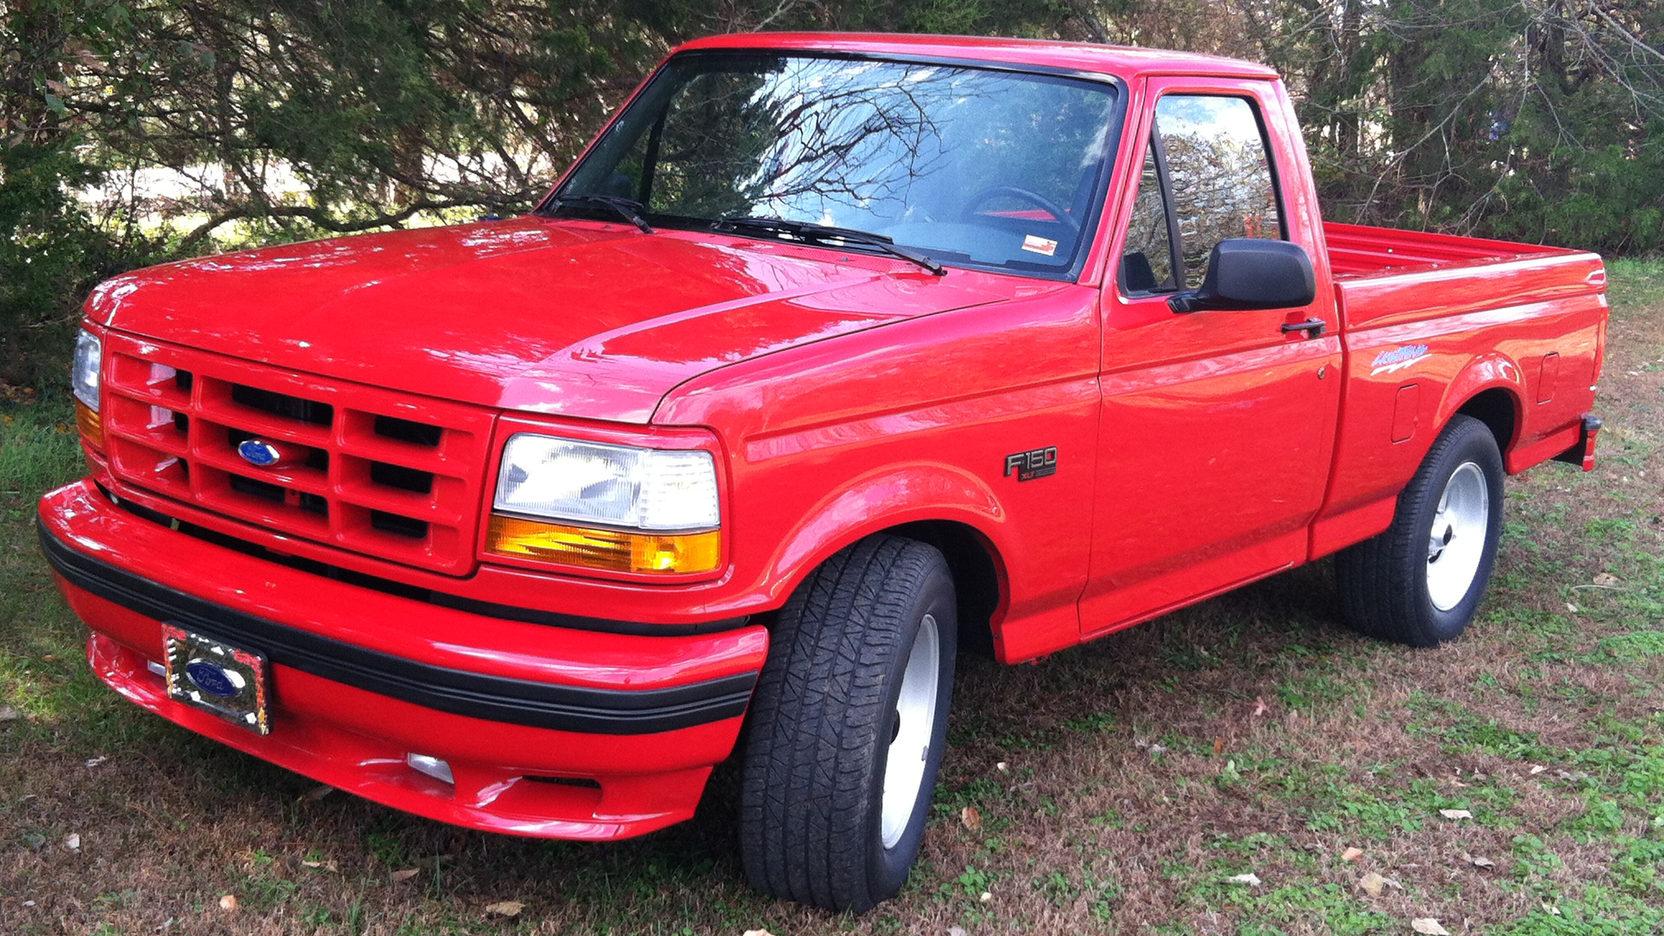 1993 Ford SVT Lightning Pickup